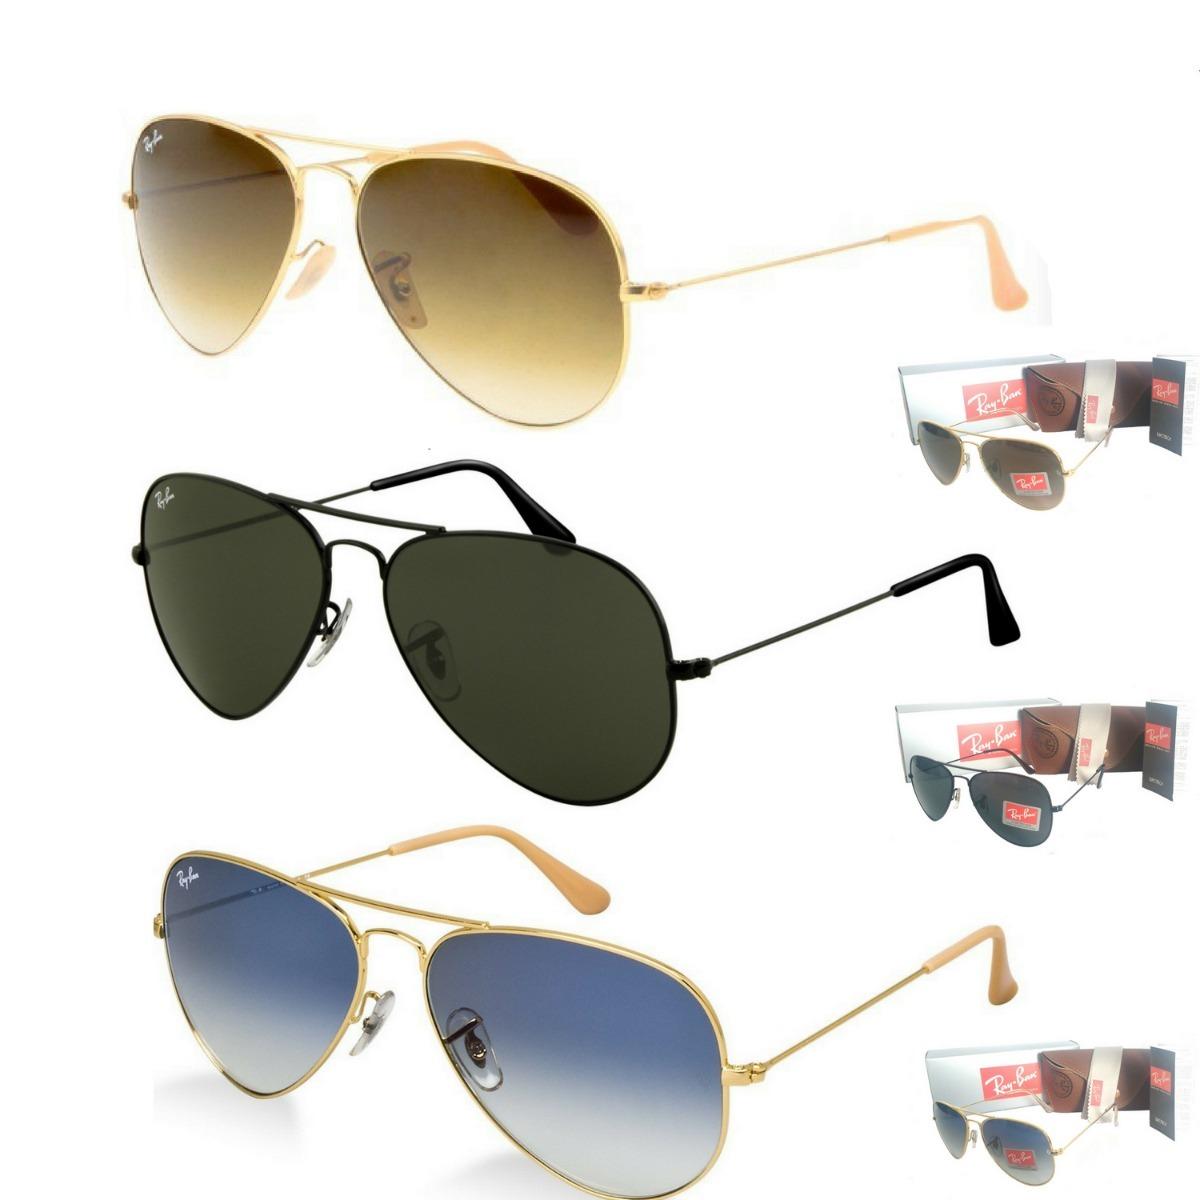 5d0efe40a3ff3 Oculos De Sol Ray Ban Aviador M E G Unissex Promoção 50%off - R  120 ...